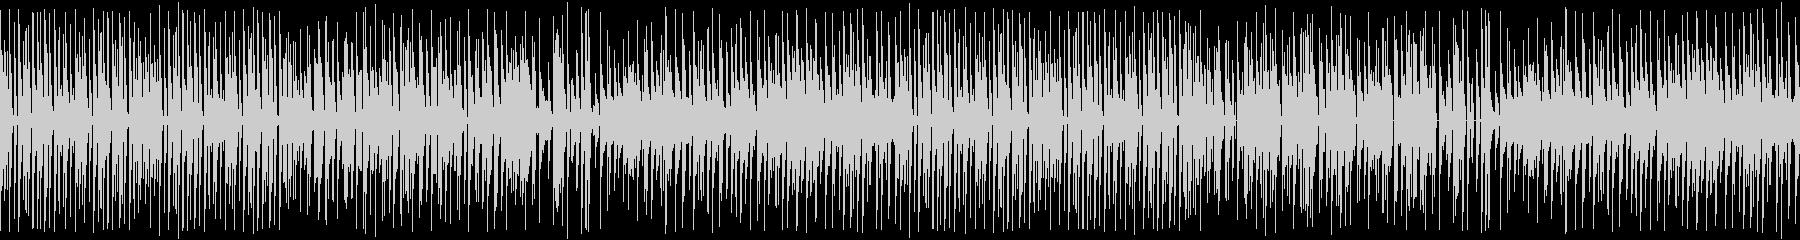 カンフー中華風・8bitゲーム機/ループの未再生の波形